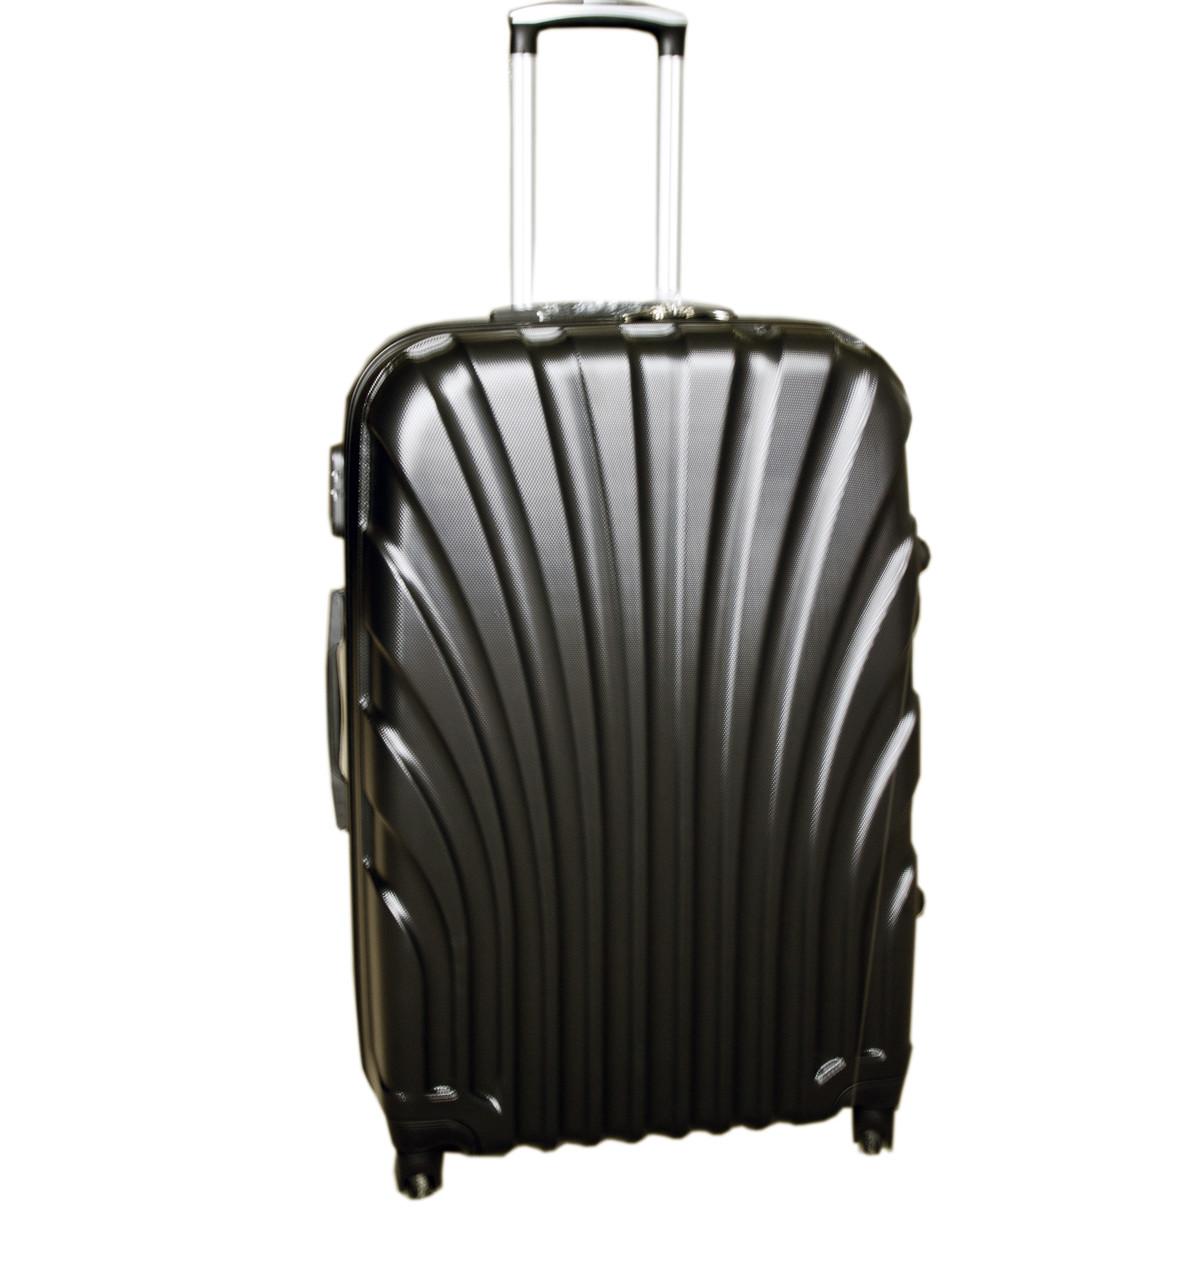 Дорожный чемодан 4 колеса набор 3 штуки черный, артикул: 6-244